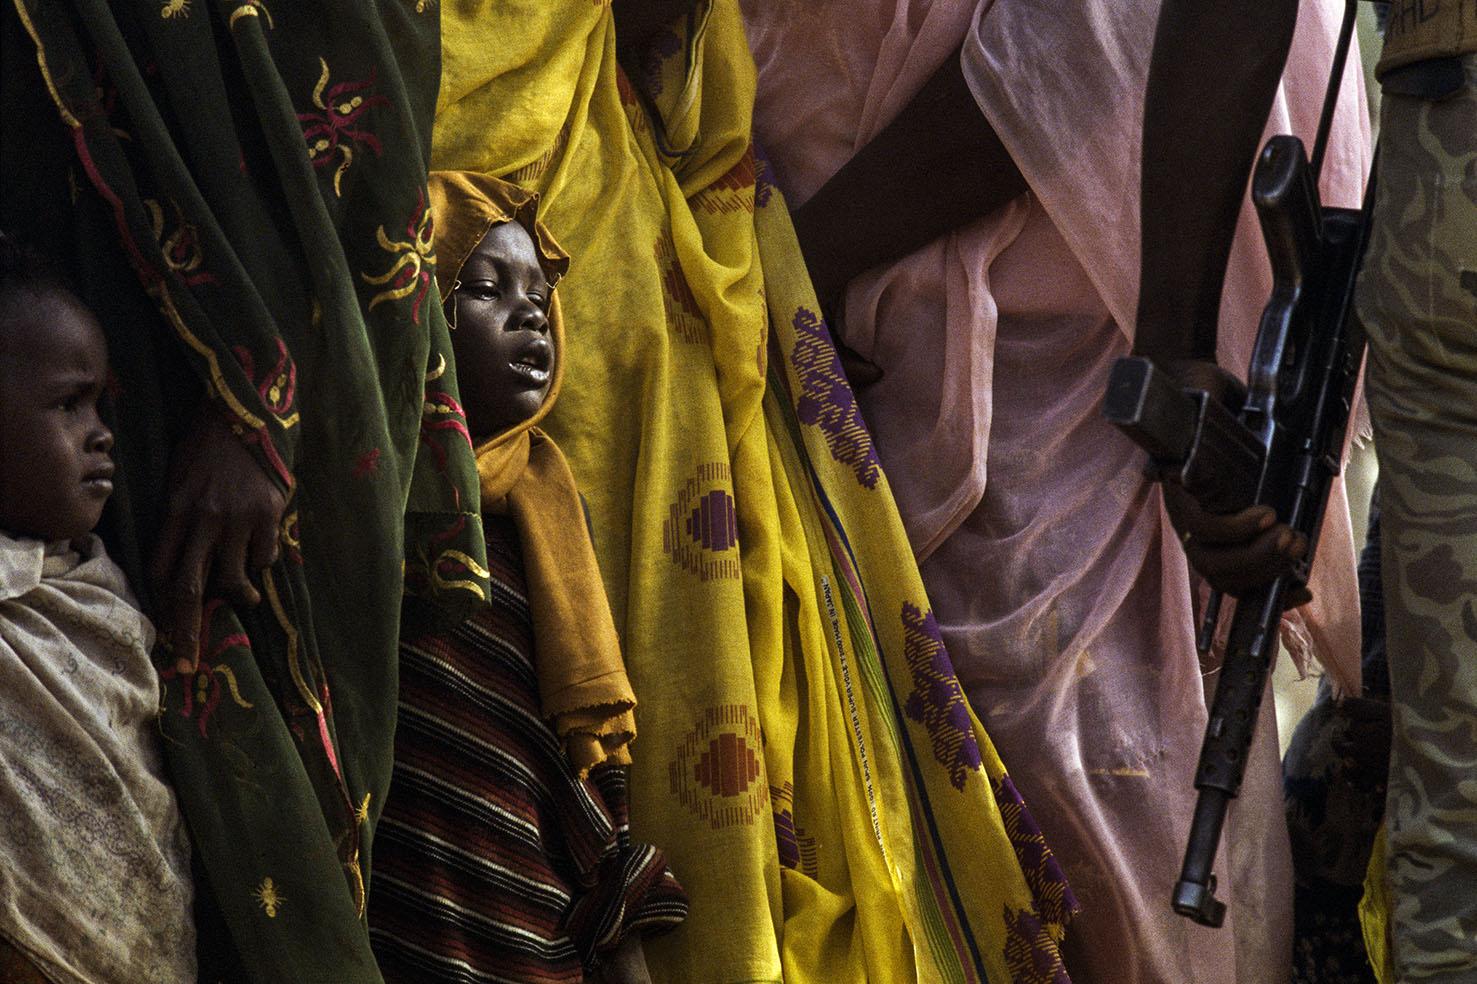 Mauro Galligani - N'djamena, Ciad, 1986. Donne e bambini in fila per la vaccinazione. Dopo 15 anni di guerra, il Ciad è uno dei paesi più poveri al mondo. Per rompere il cerchio di miseria l'Unicef ha promosso una campagna di profilassi contro le malattie infettive.